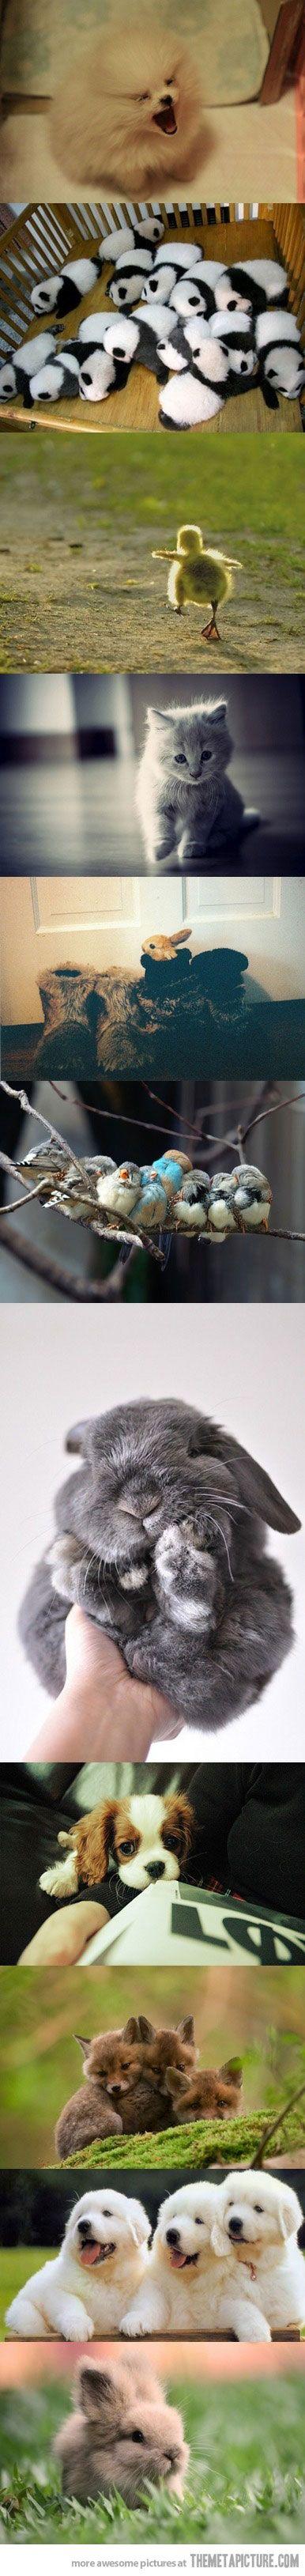 Little balls of fur